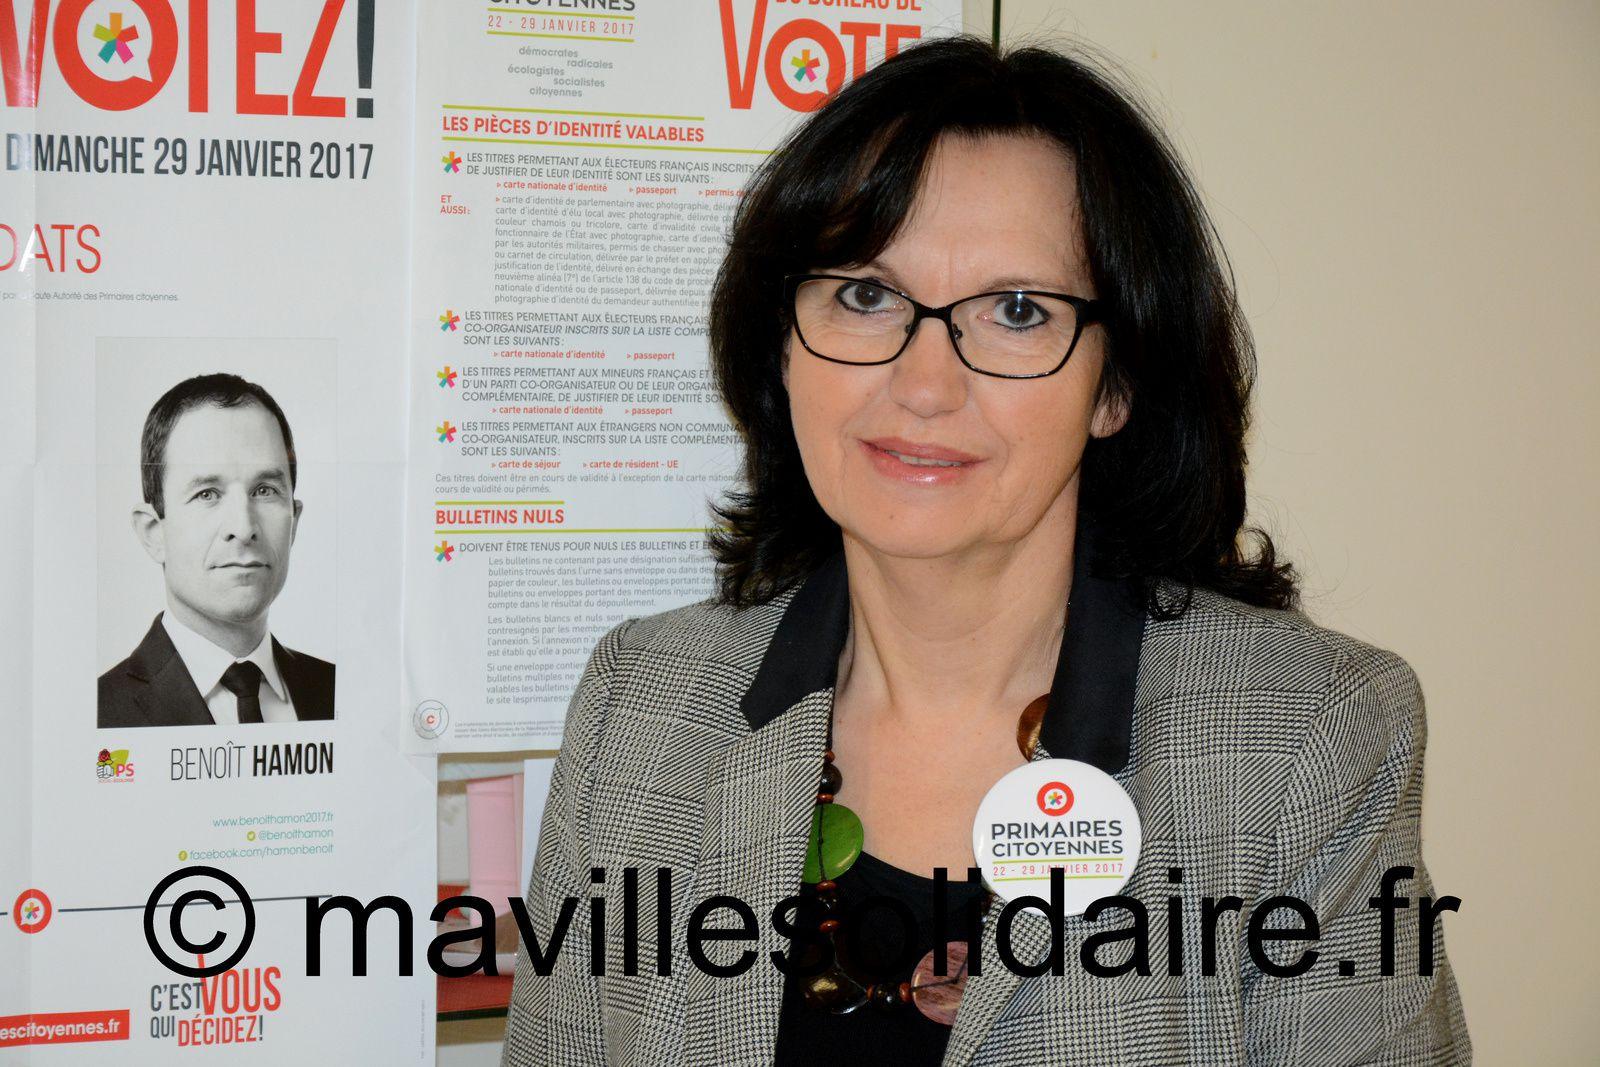 Au bureau de vote de la maison de quartier des Pyramides à la Roche-sur-Yon.